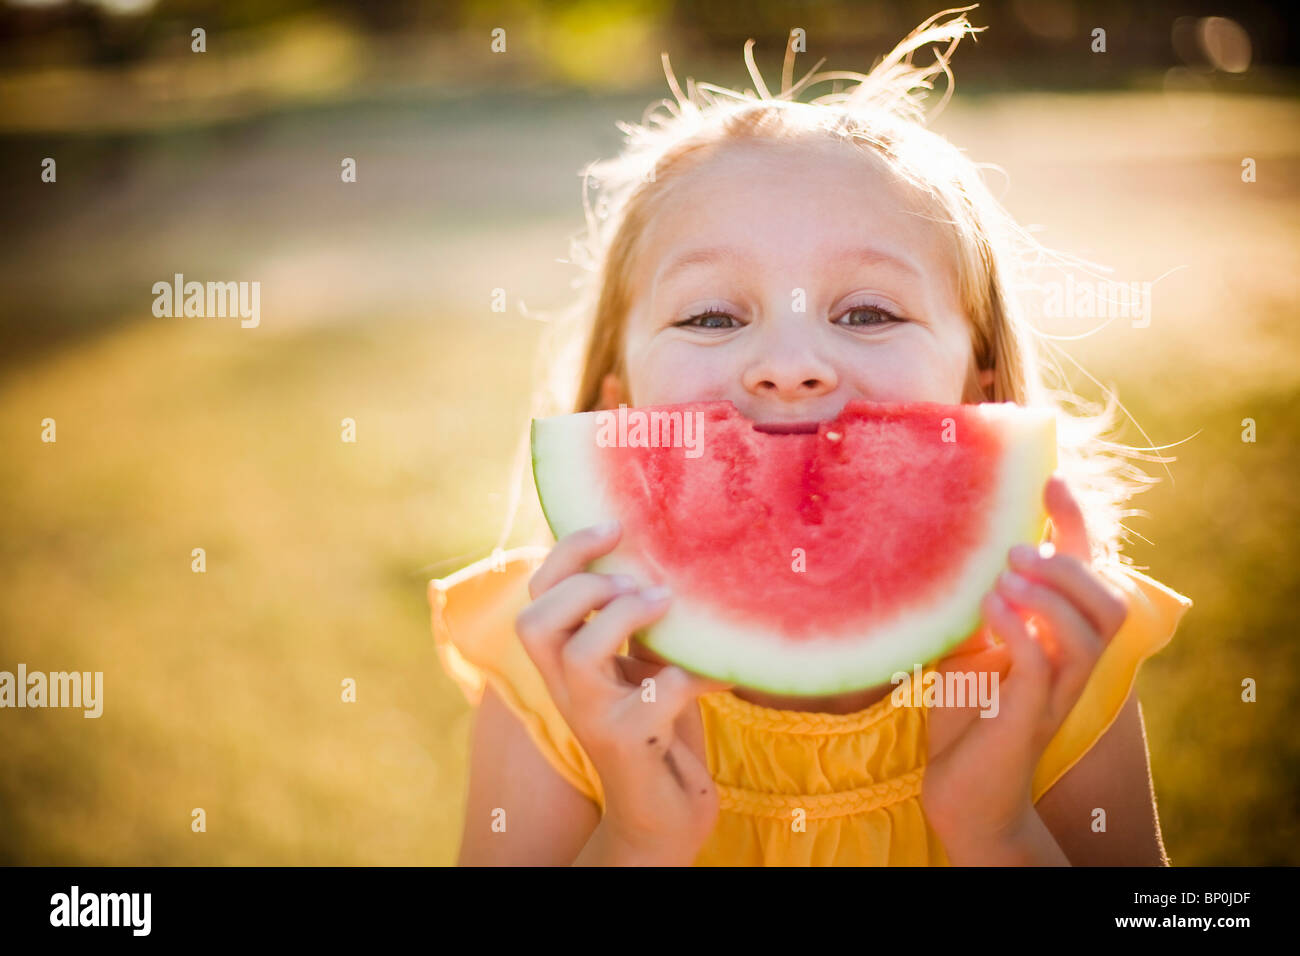 Ragazza giovane facendolo sorridere con cocomero Foto Stock